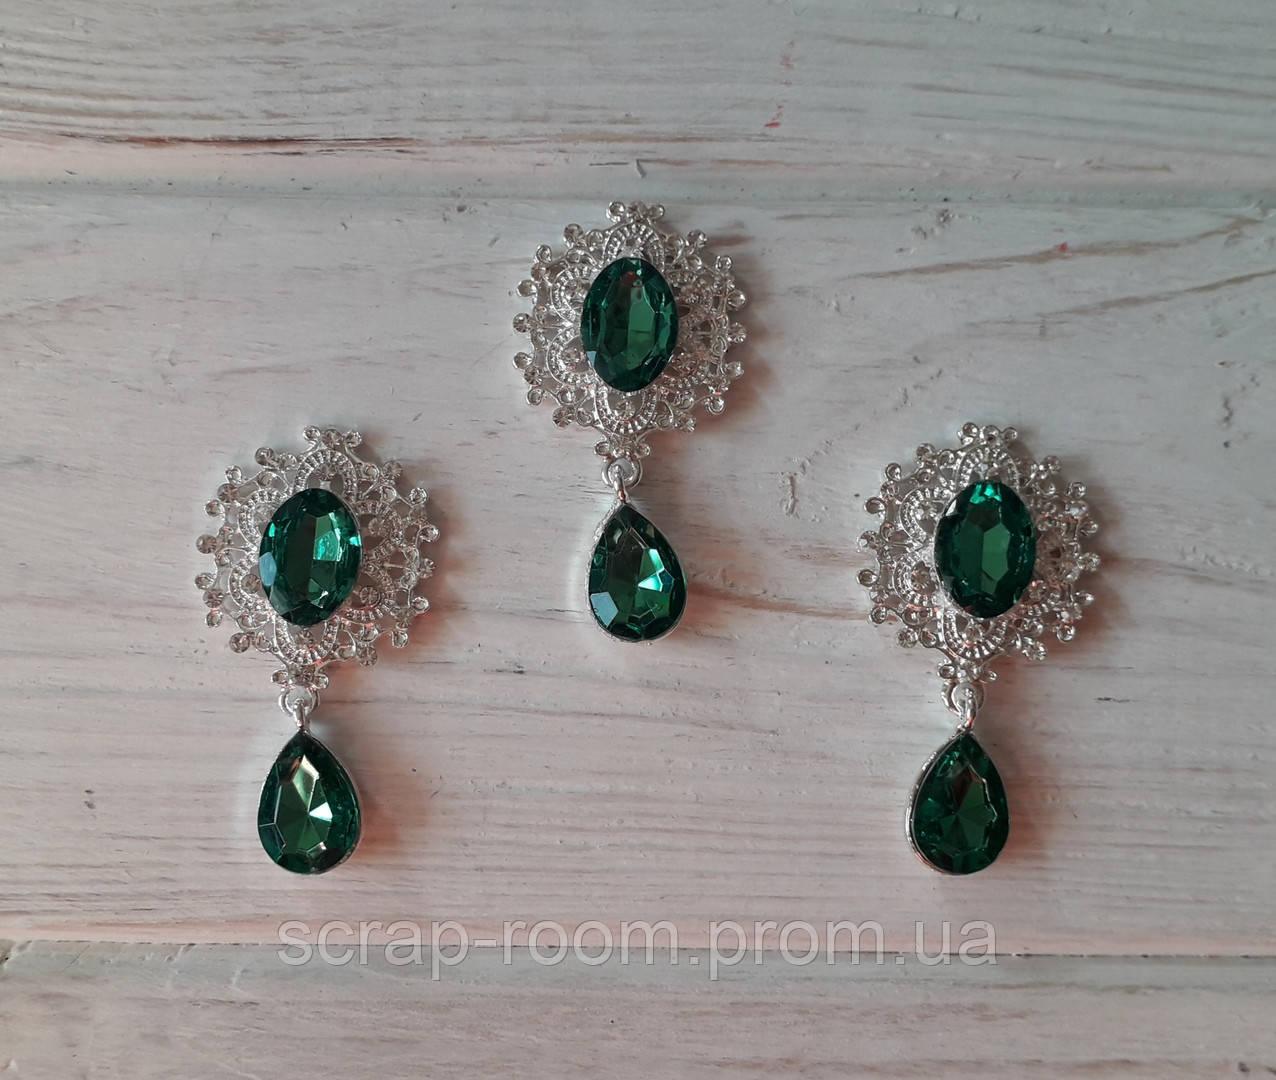 Брошь со стразами, брошь с зеленым камнем, брошь с подвеской, брошь свадебная, размер 25*45 мм, цена за шт